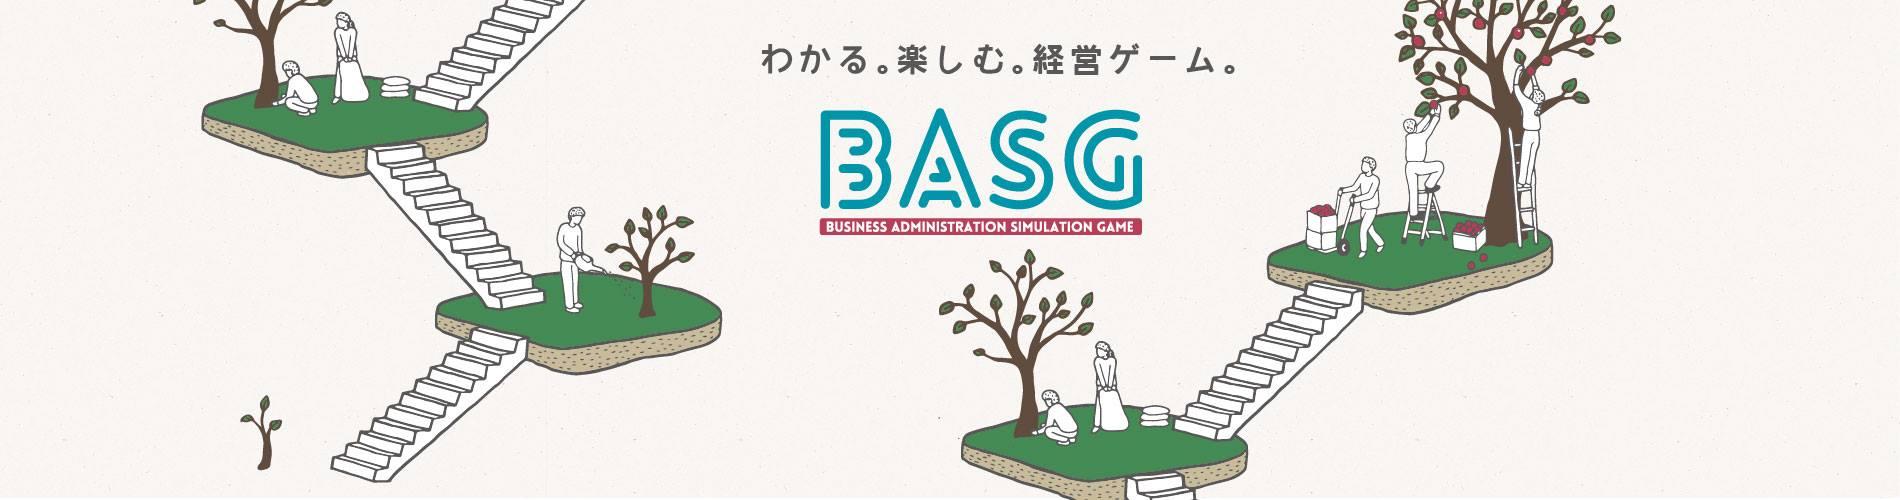 BASGバナー